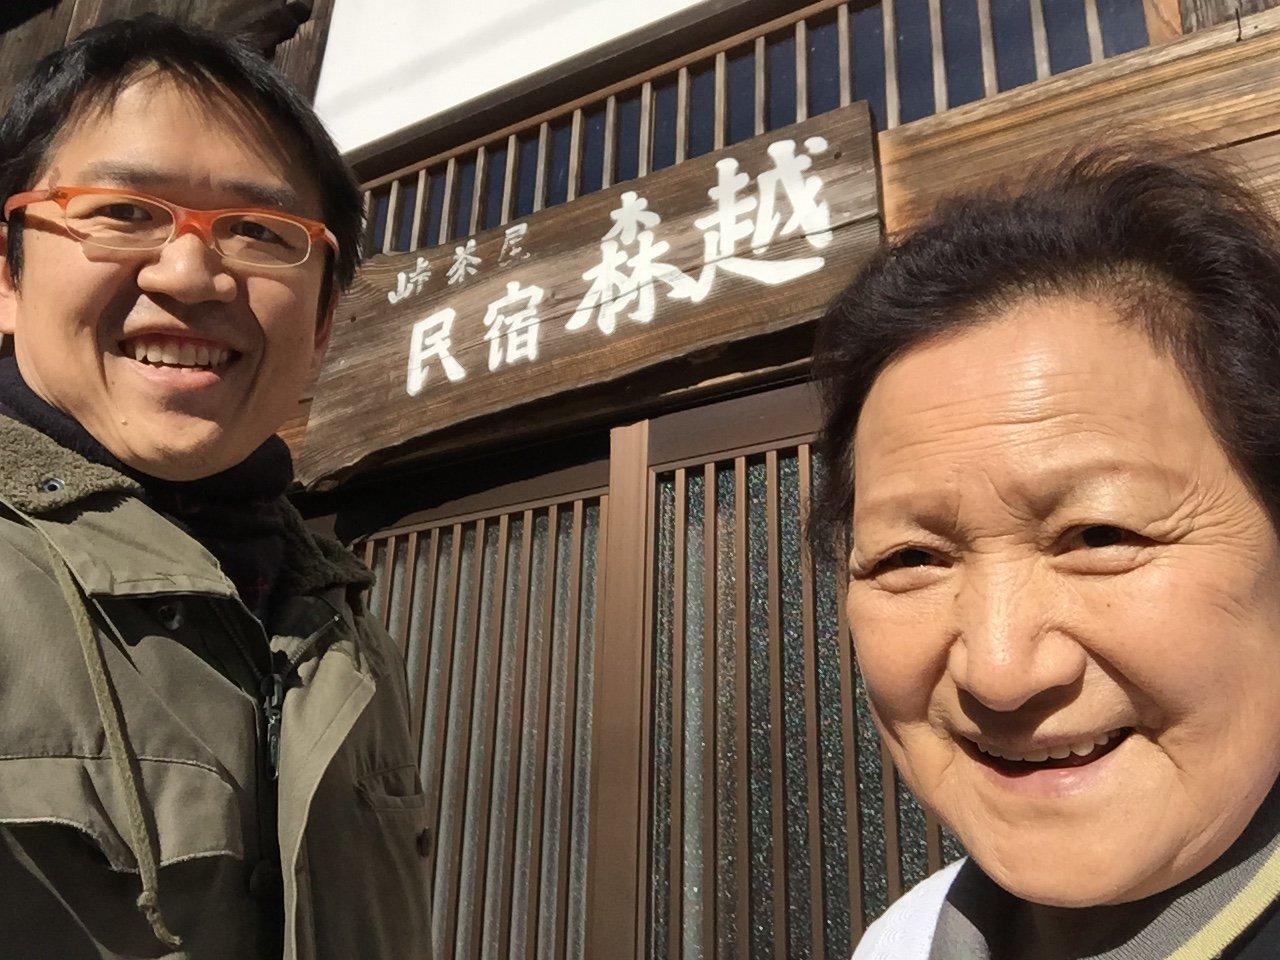 客は一日一組限定、なのに一人旅でもOK!檜原村おもてなしの民宿「森越」 #tokyo島旅山旅